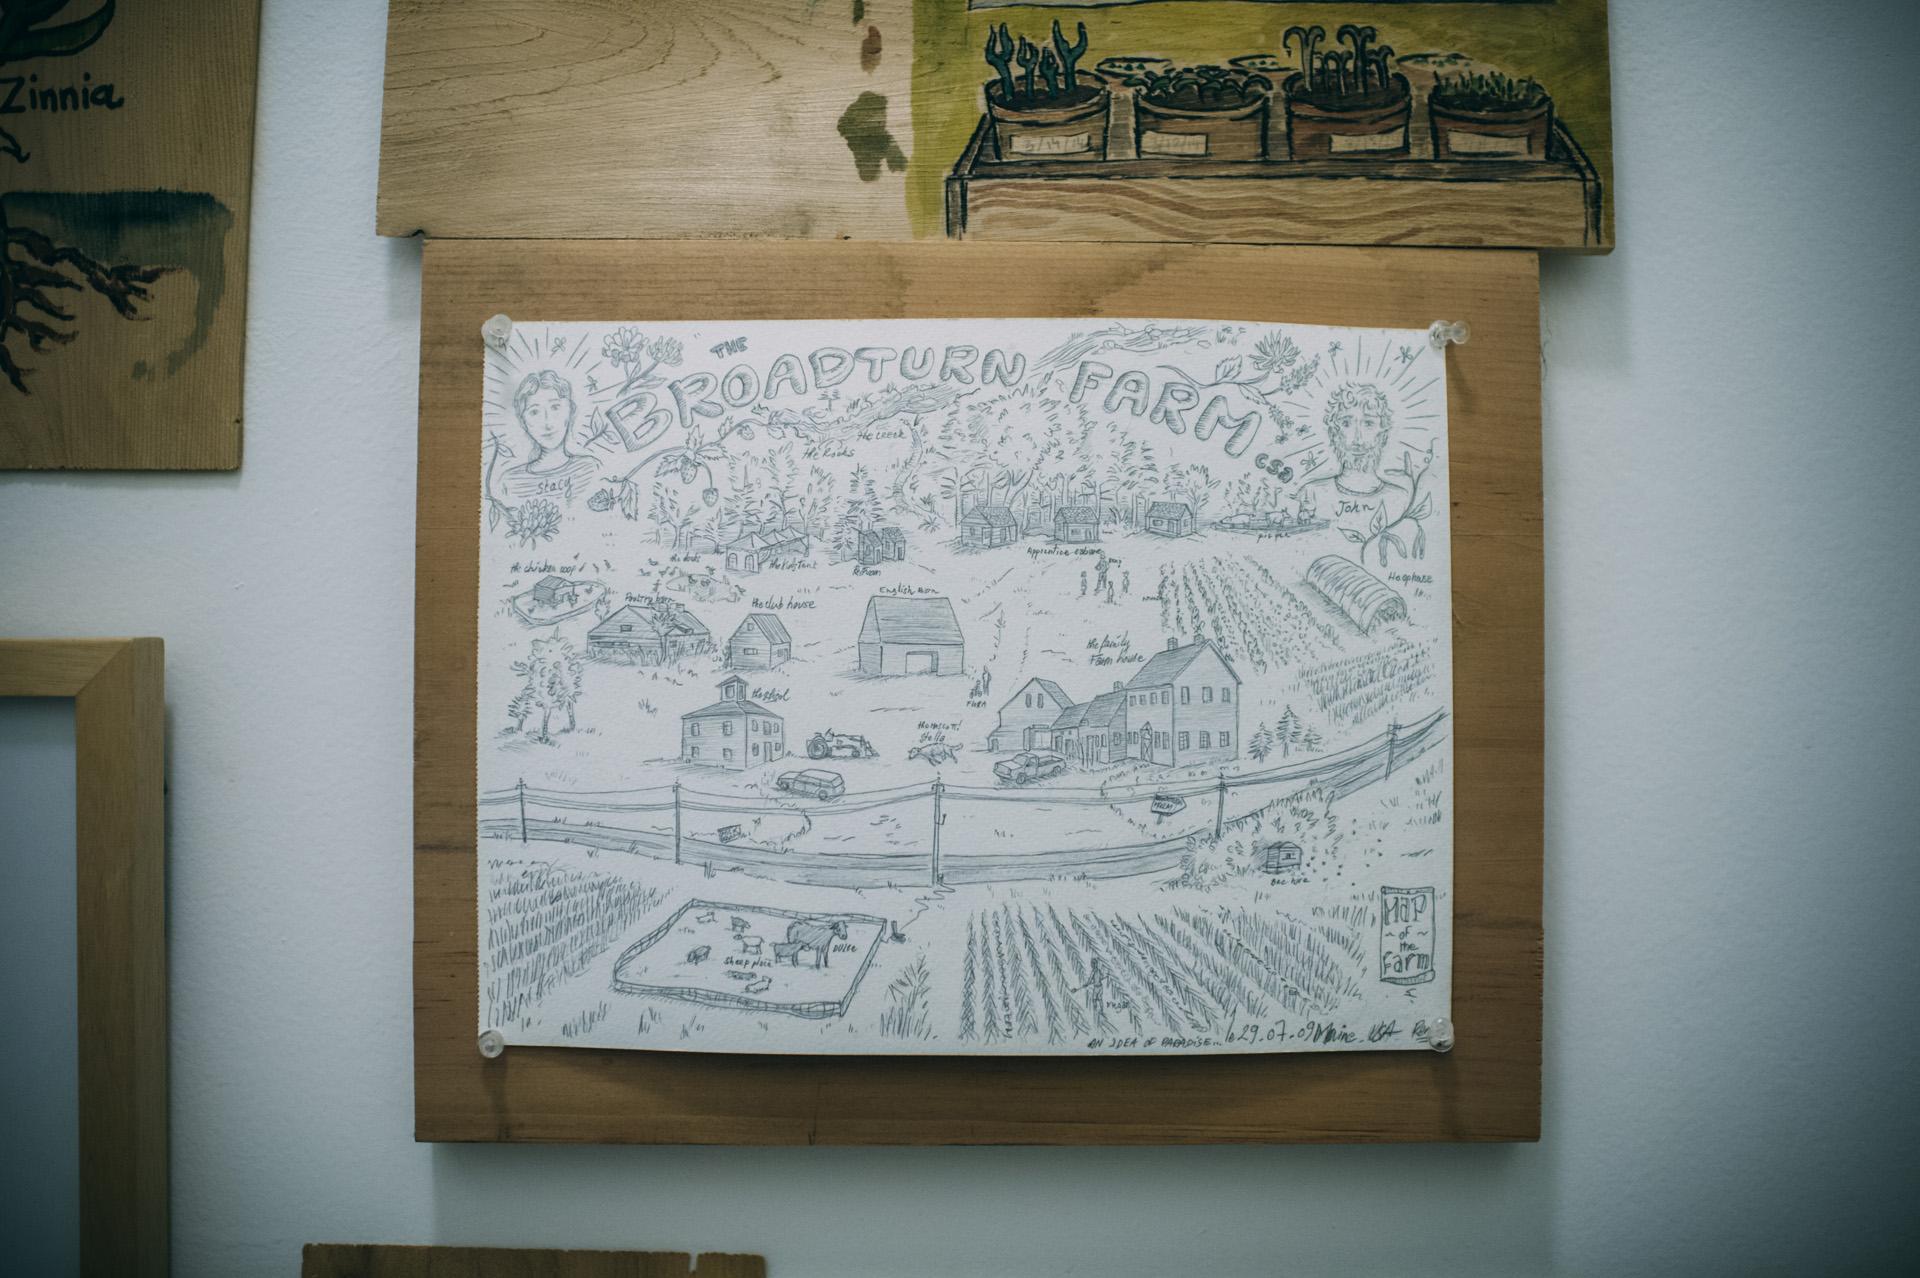 broadturn-farm-wedding-89